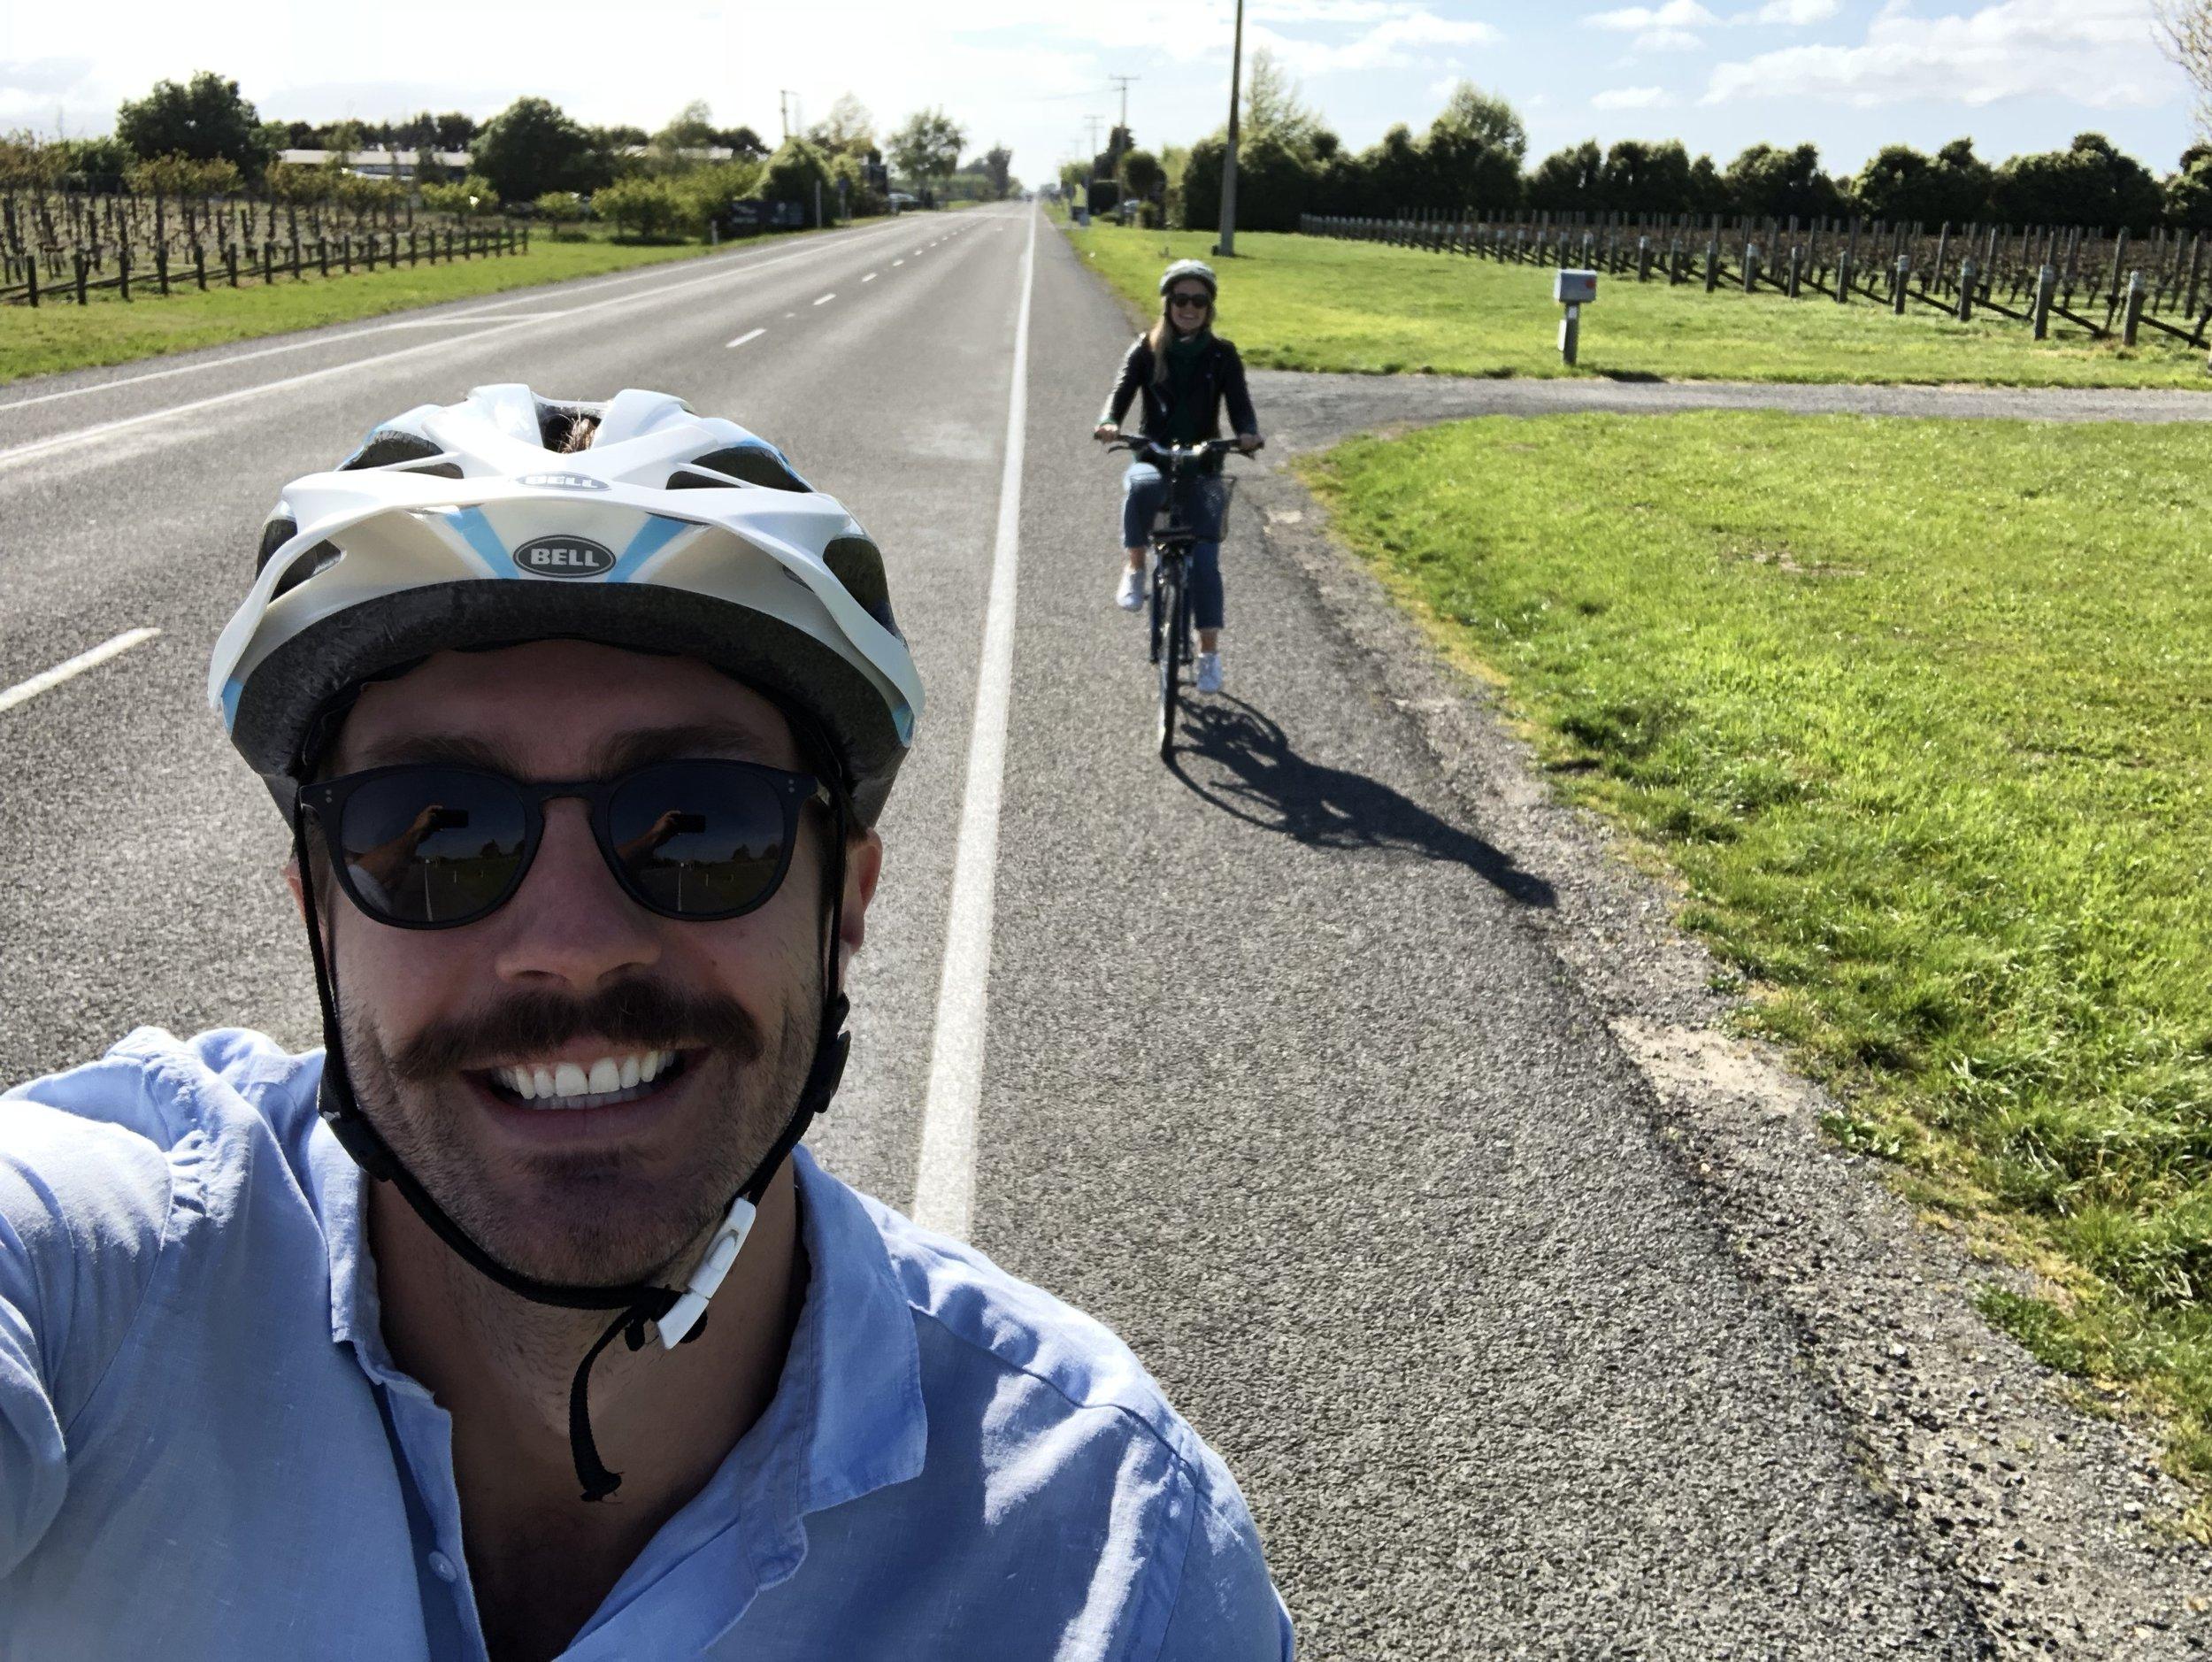 Loves a bike ride!